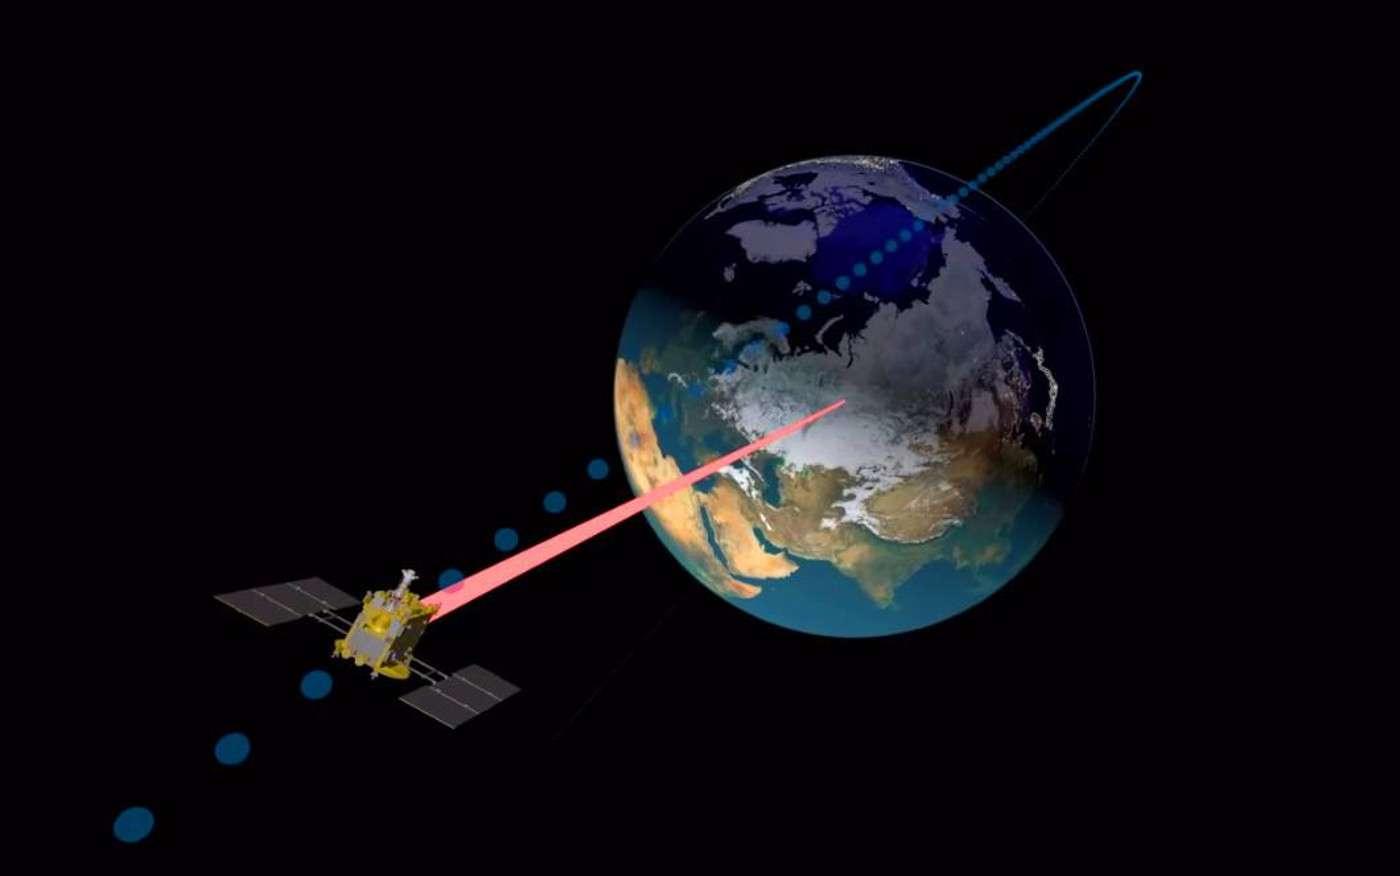 La sonde Hayabusa-2 s'est rapprochée de la Terre et l'a survolée pour mieux prendre de l'élan et poursuivre son voyage vers l'astéroïde Ryugu. © Jaxa